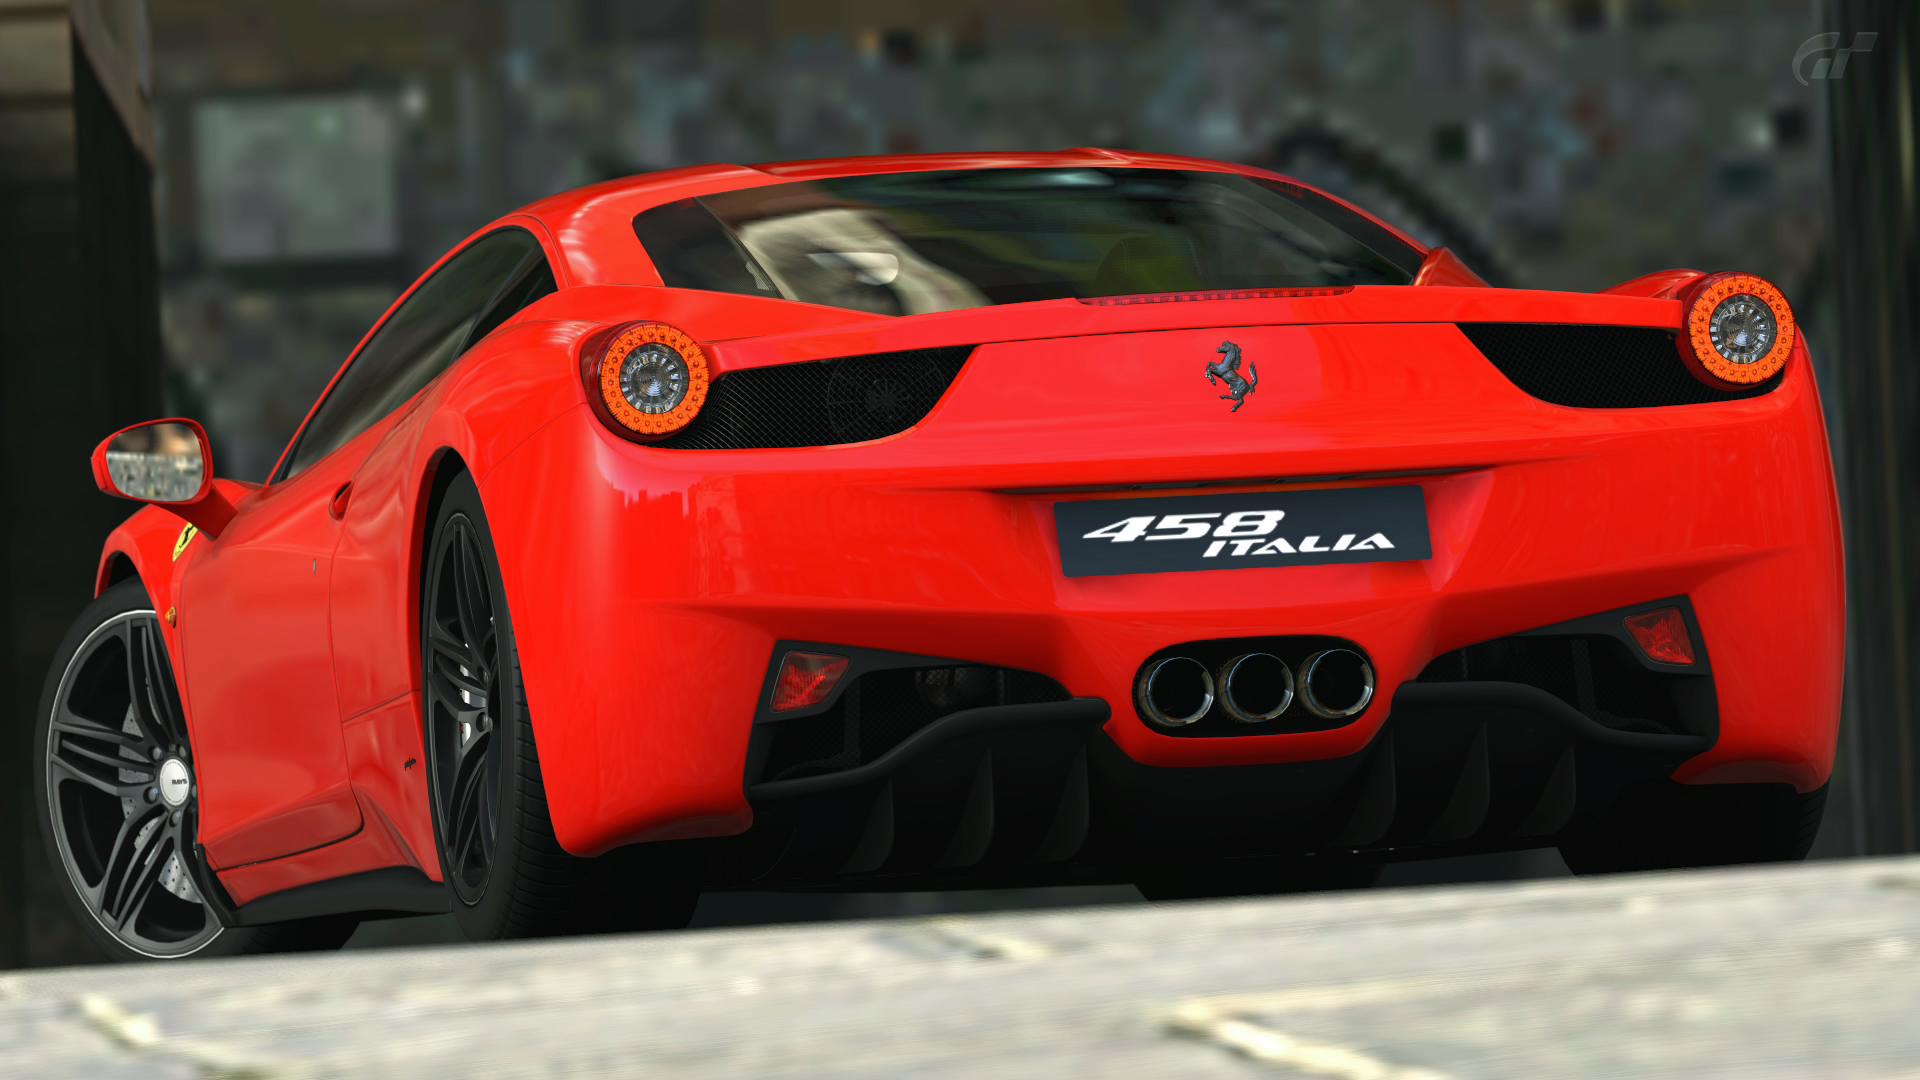 ... 2009 Ferrari 458 Italia (Gran Turismo 5) by Vertualissimo